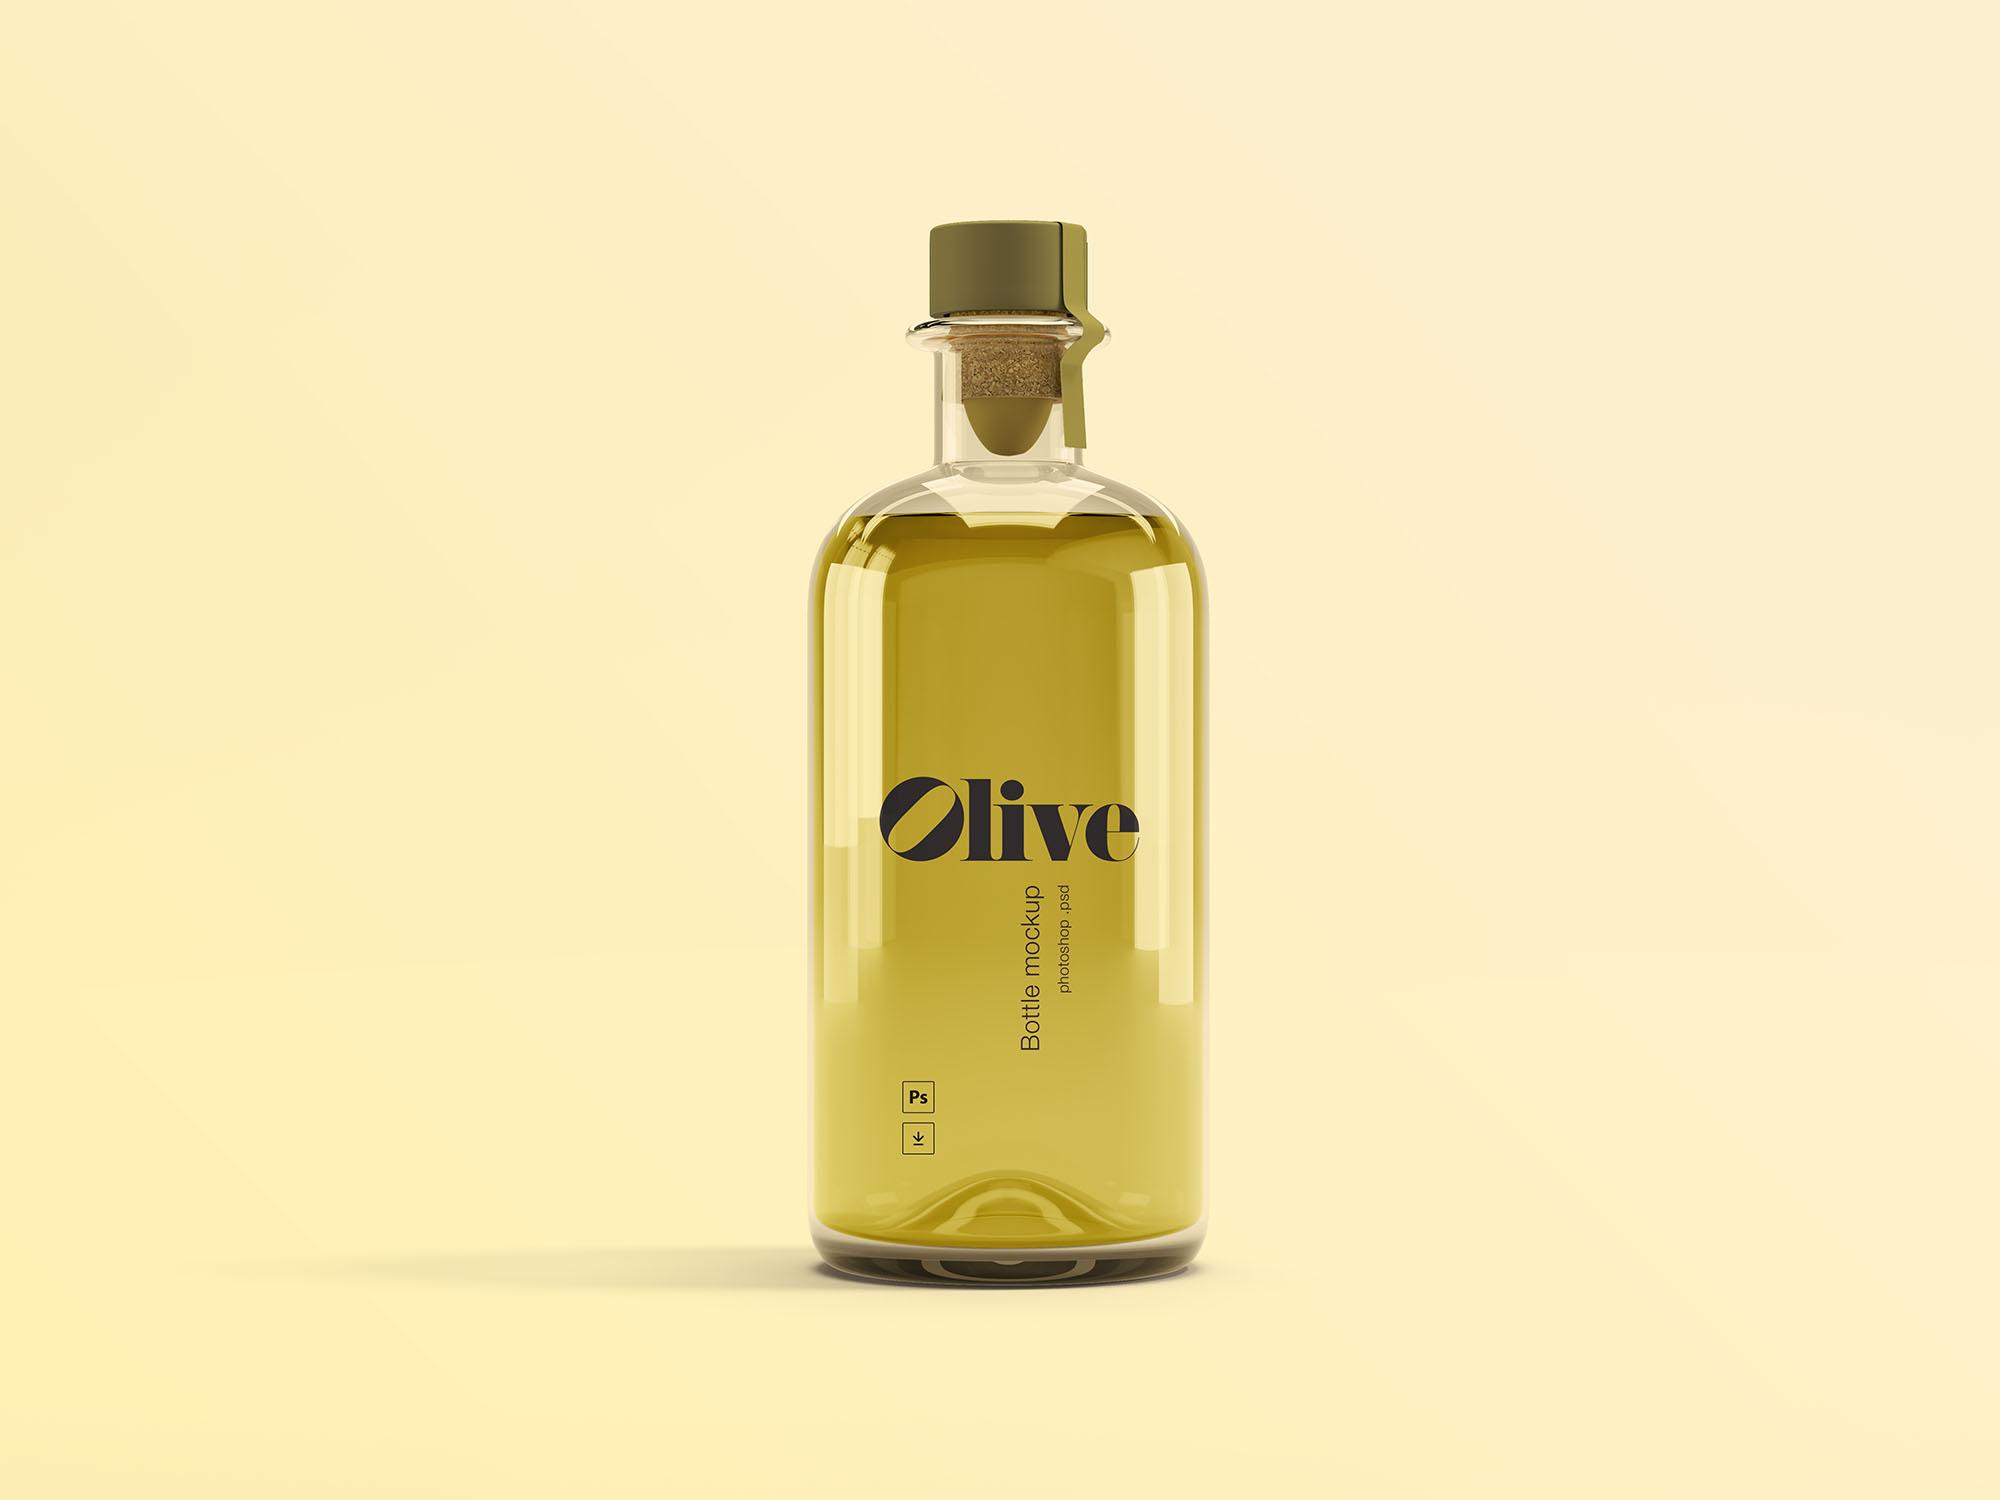 高品质橄榄油瓶子样机素材 - PSD模版下载